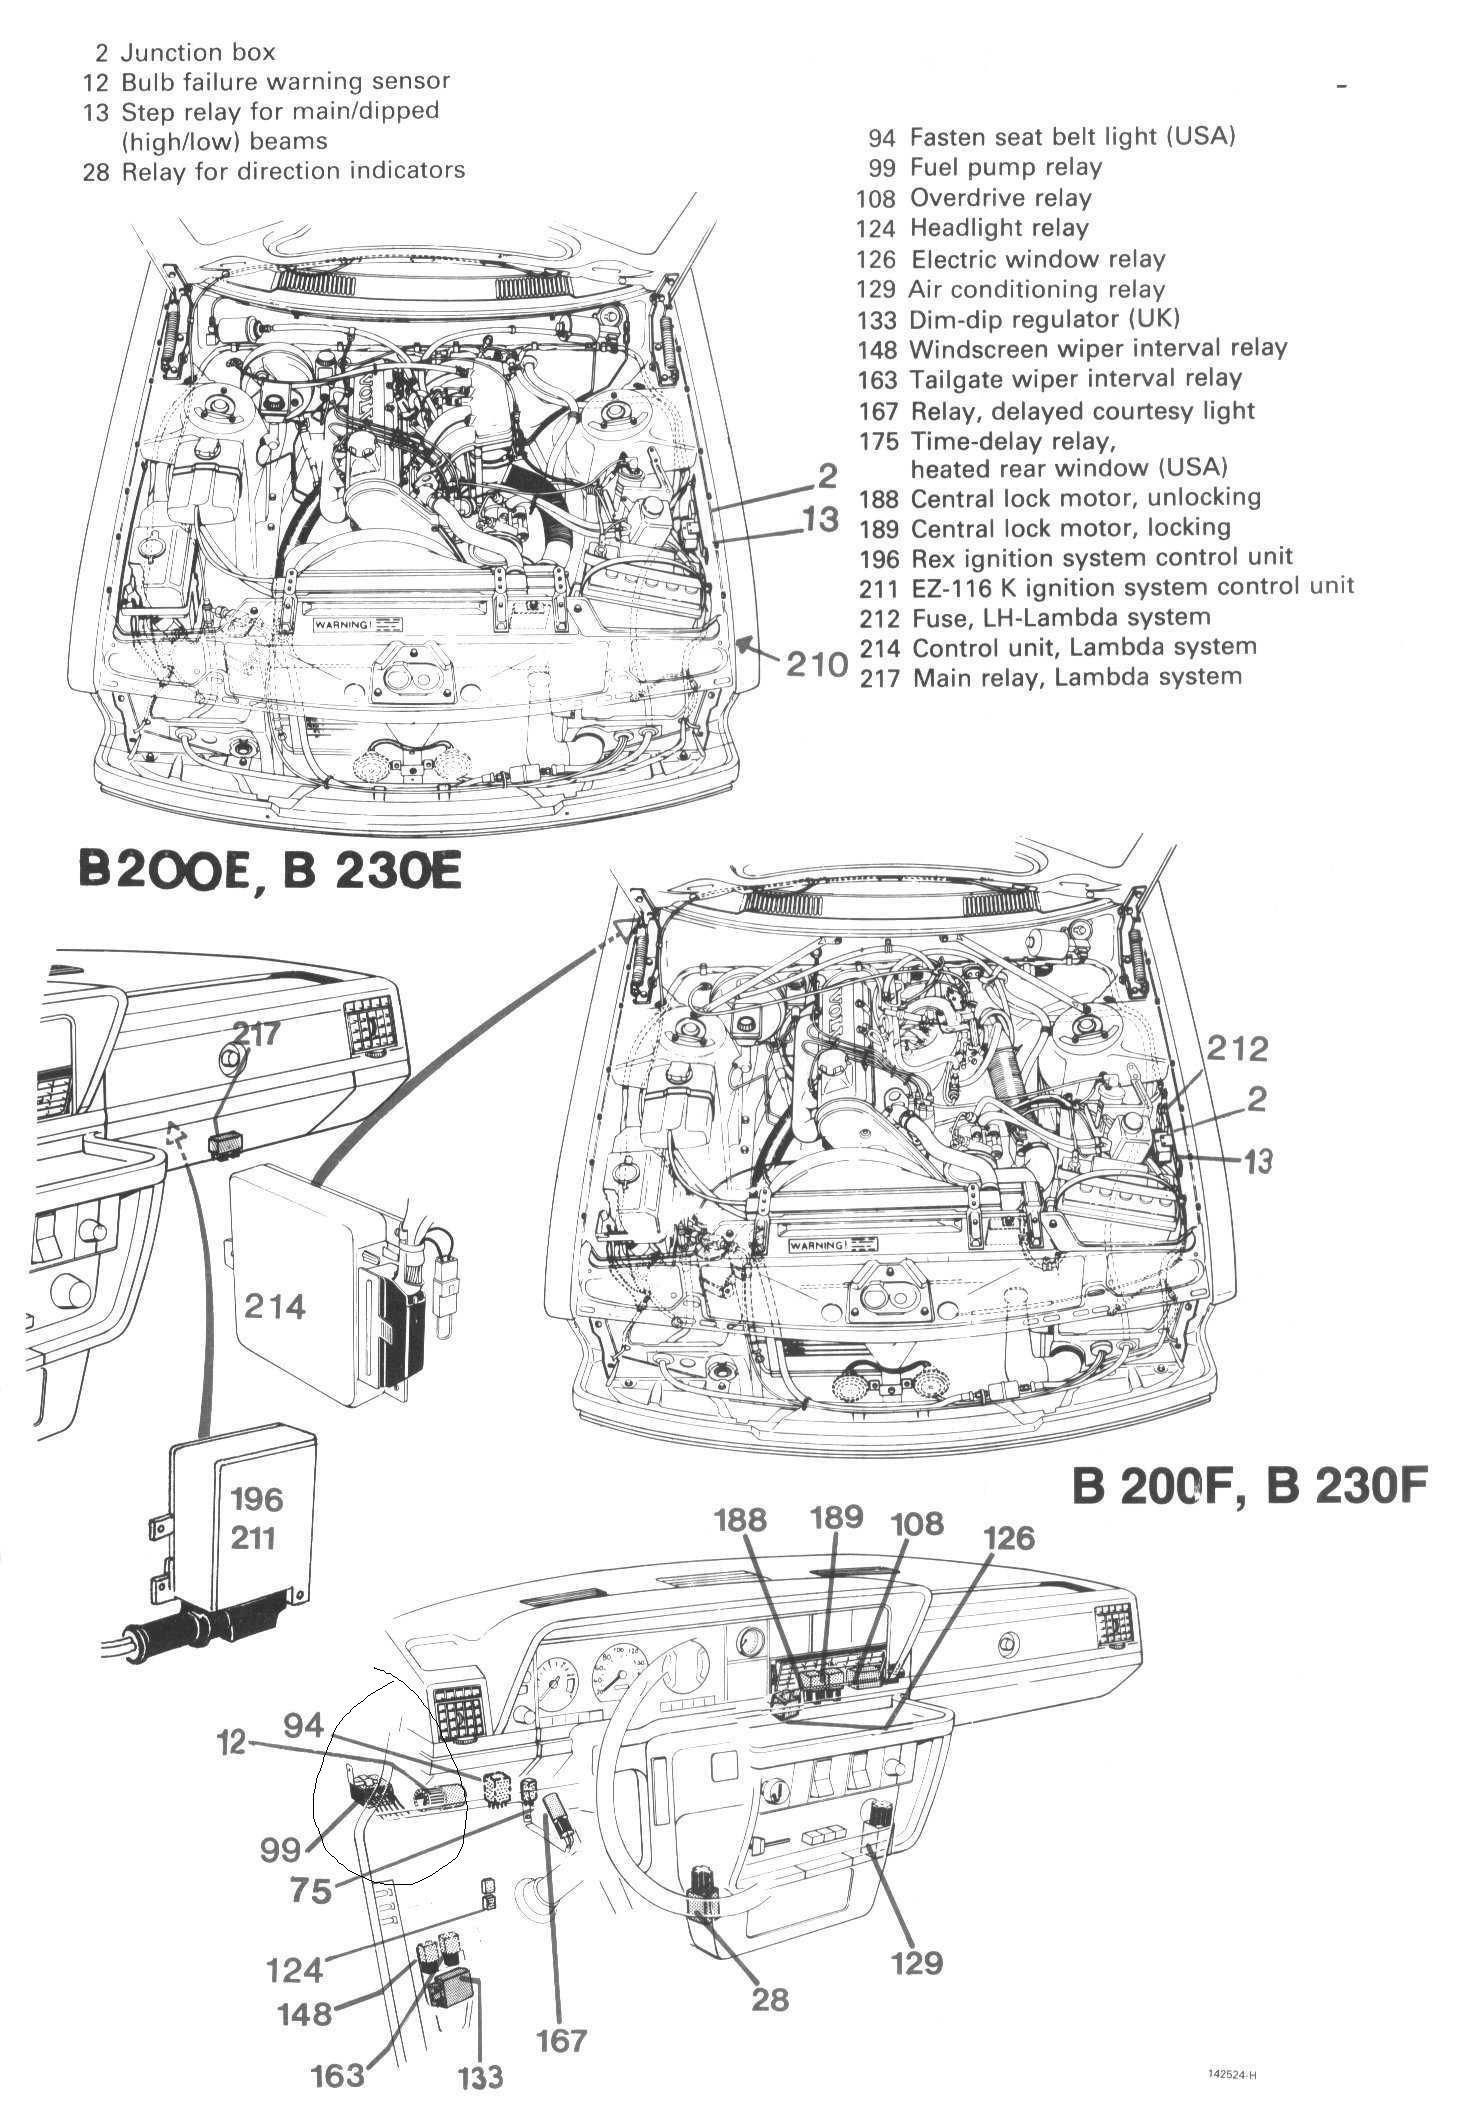 Volvo 240 Fuel Pump Wiring Diagram - Wiring Diagrams